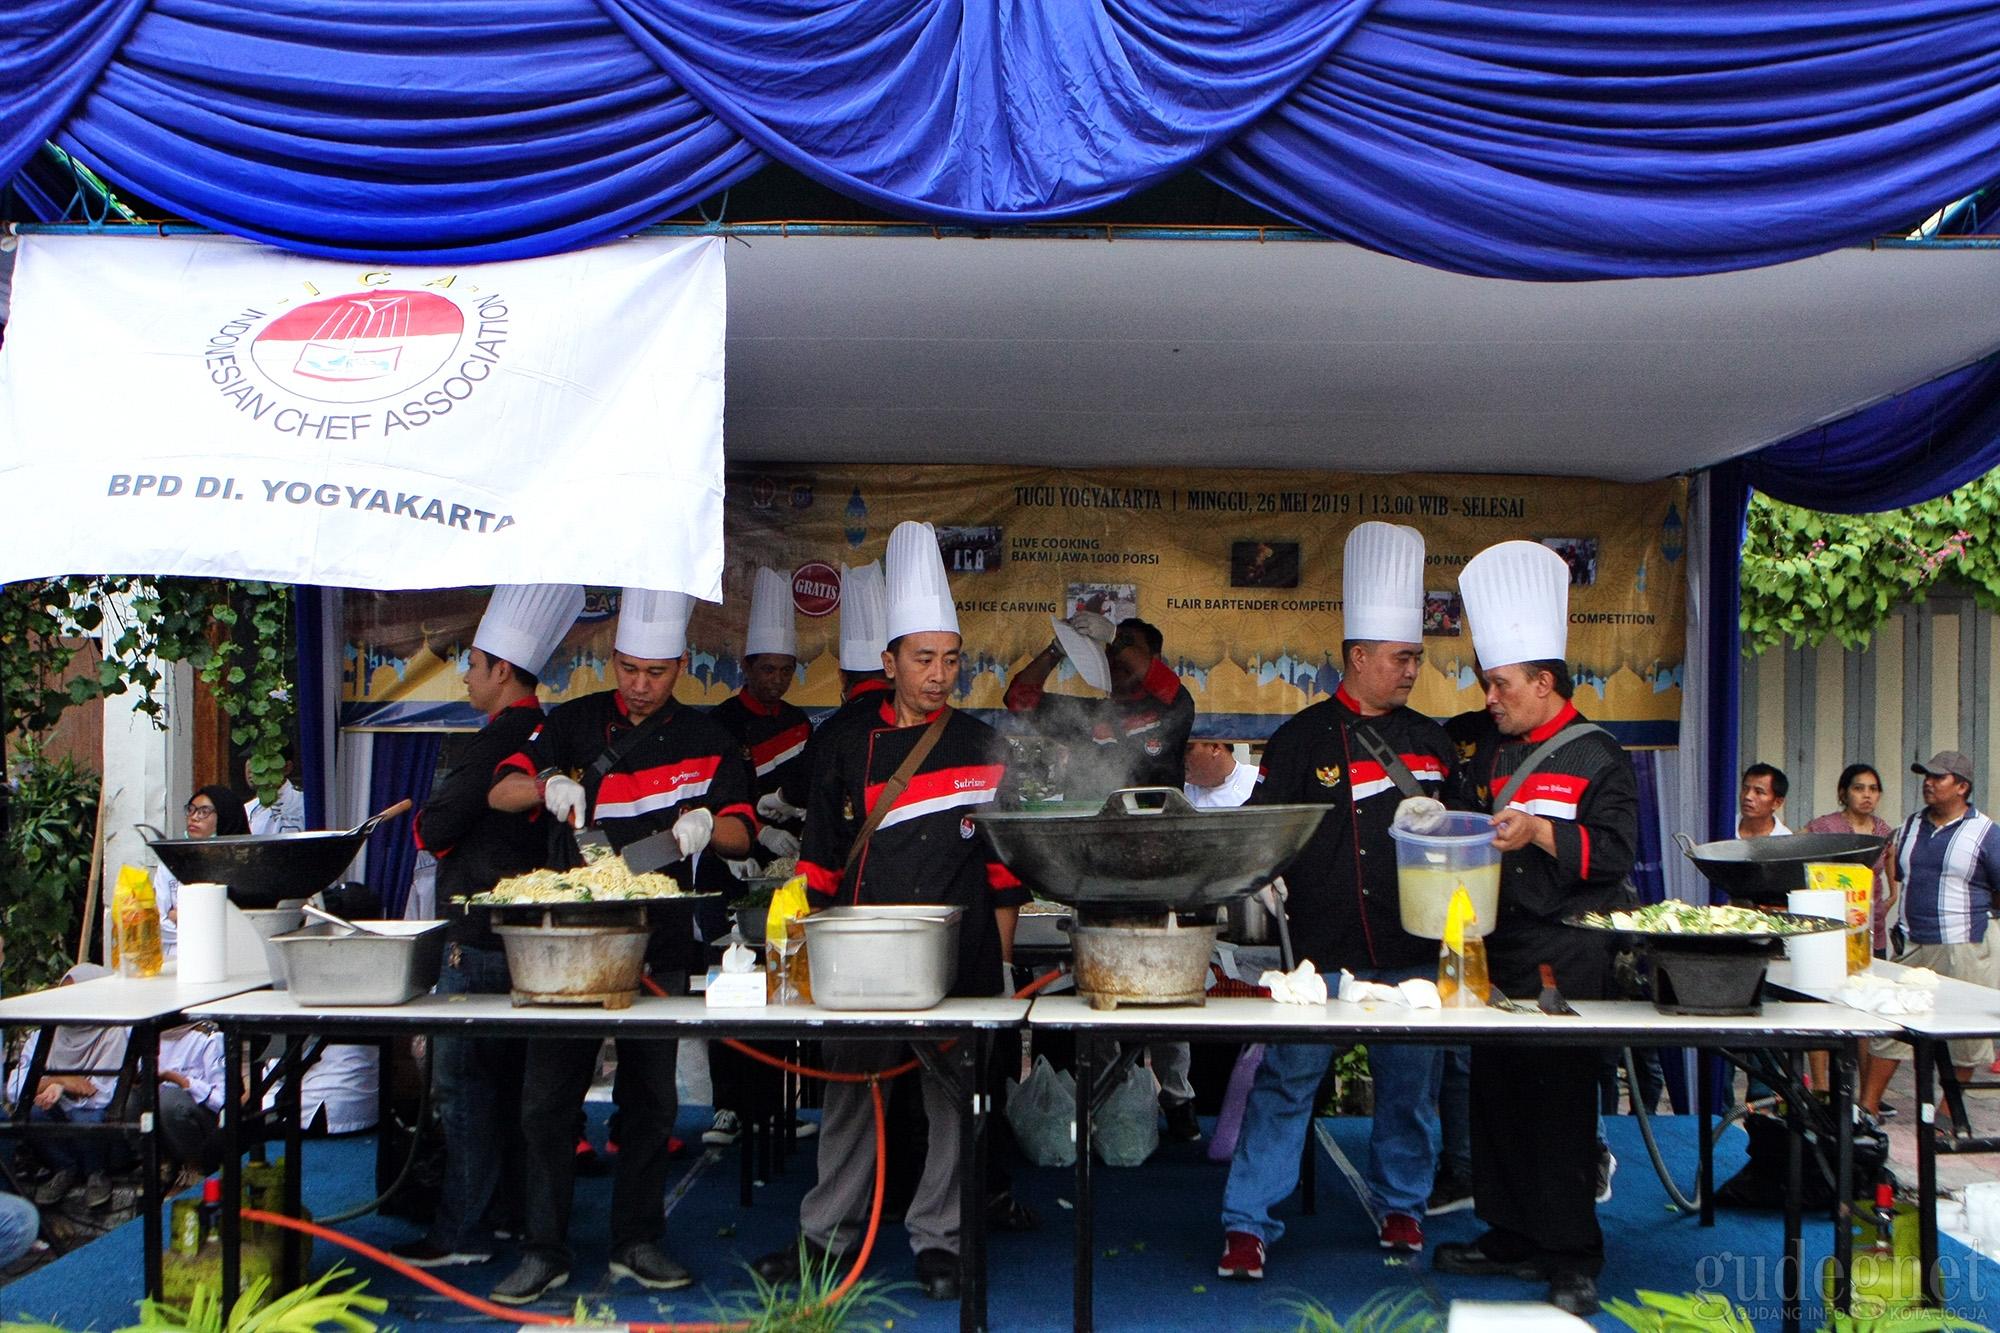 Cooking on The Street, Cara Berbagi para Chef kepada Masyarakat